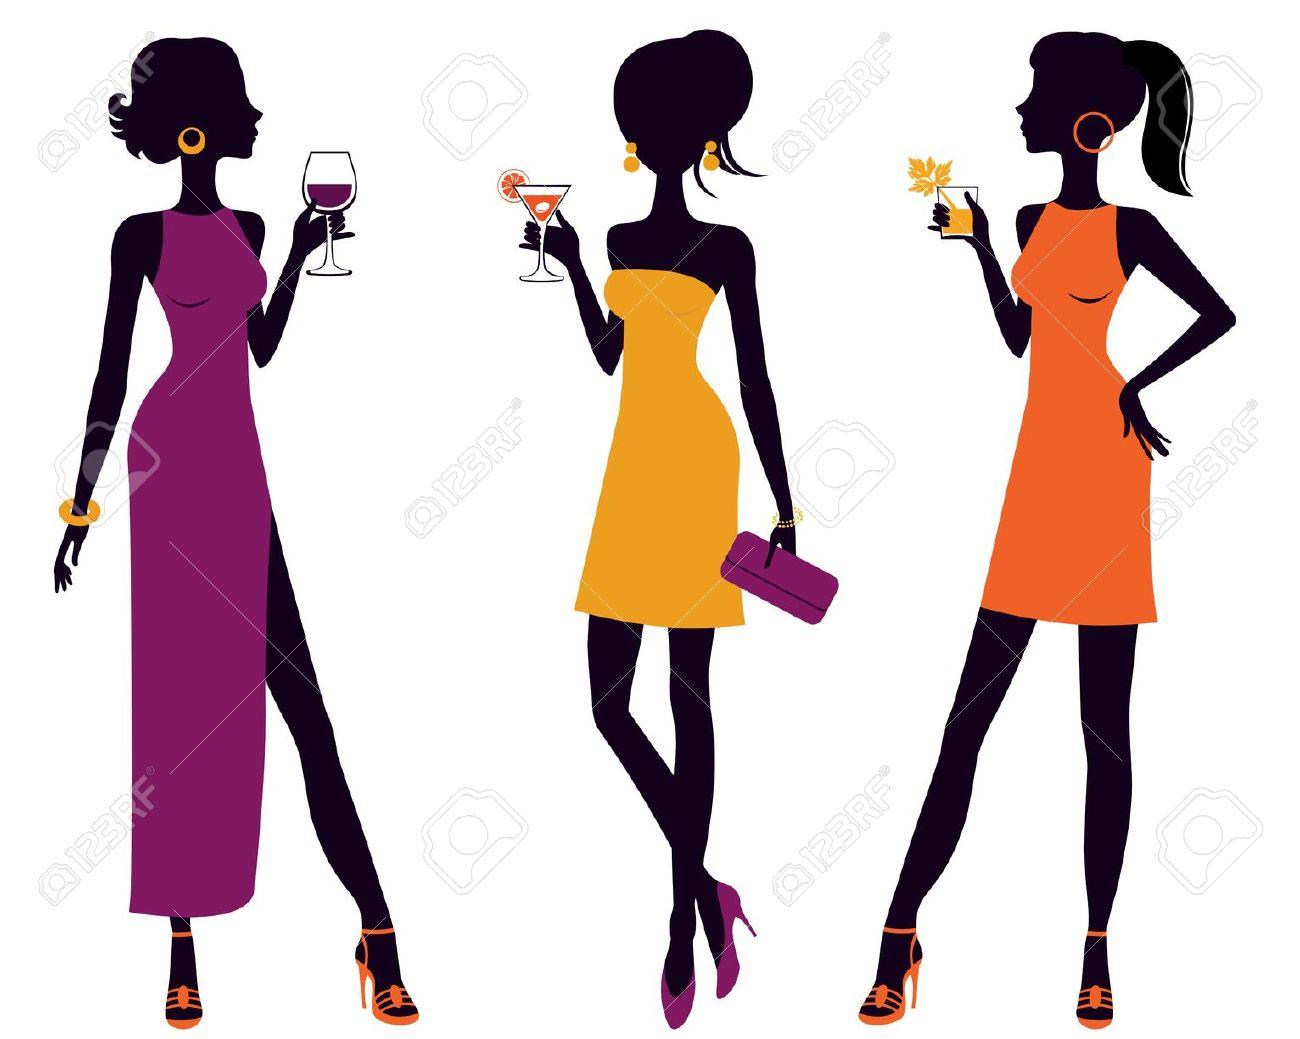 Frau im cocktailglas clipart svg download Cocktail Frau Lizenzfreie Vektorgrafiken Kaufen: 123RF svg download